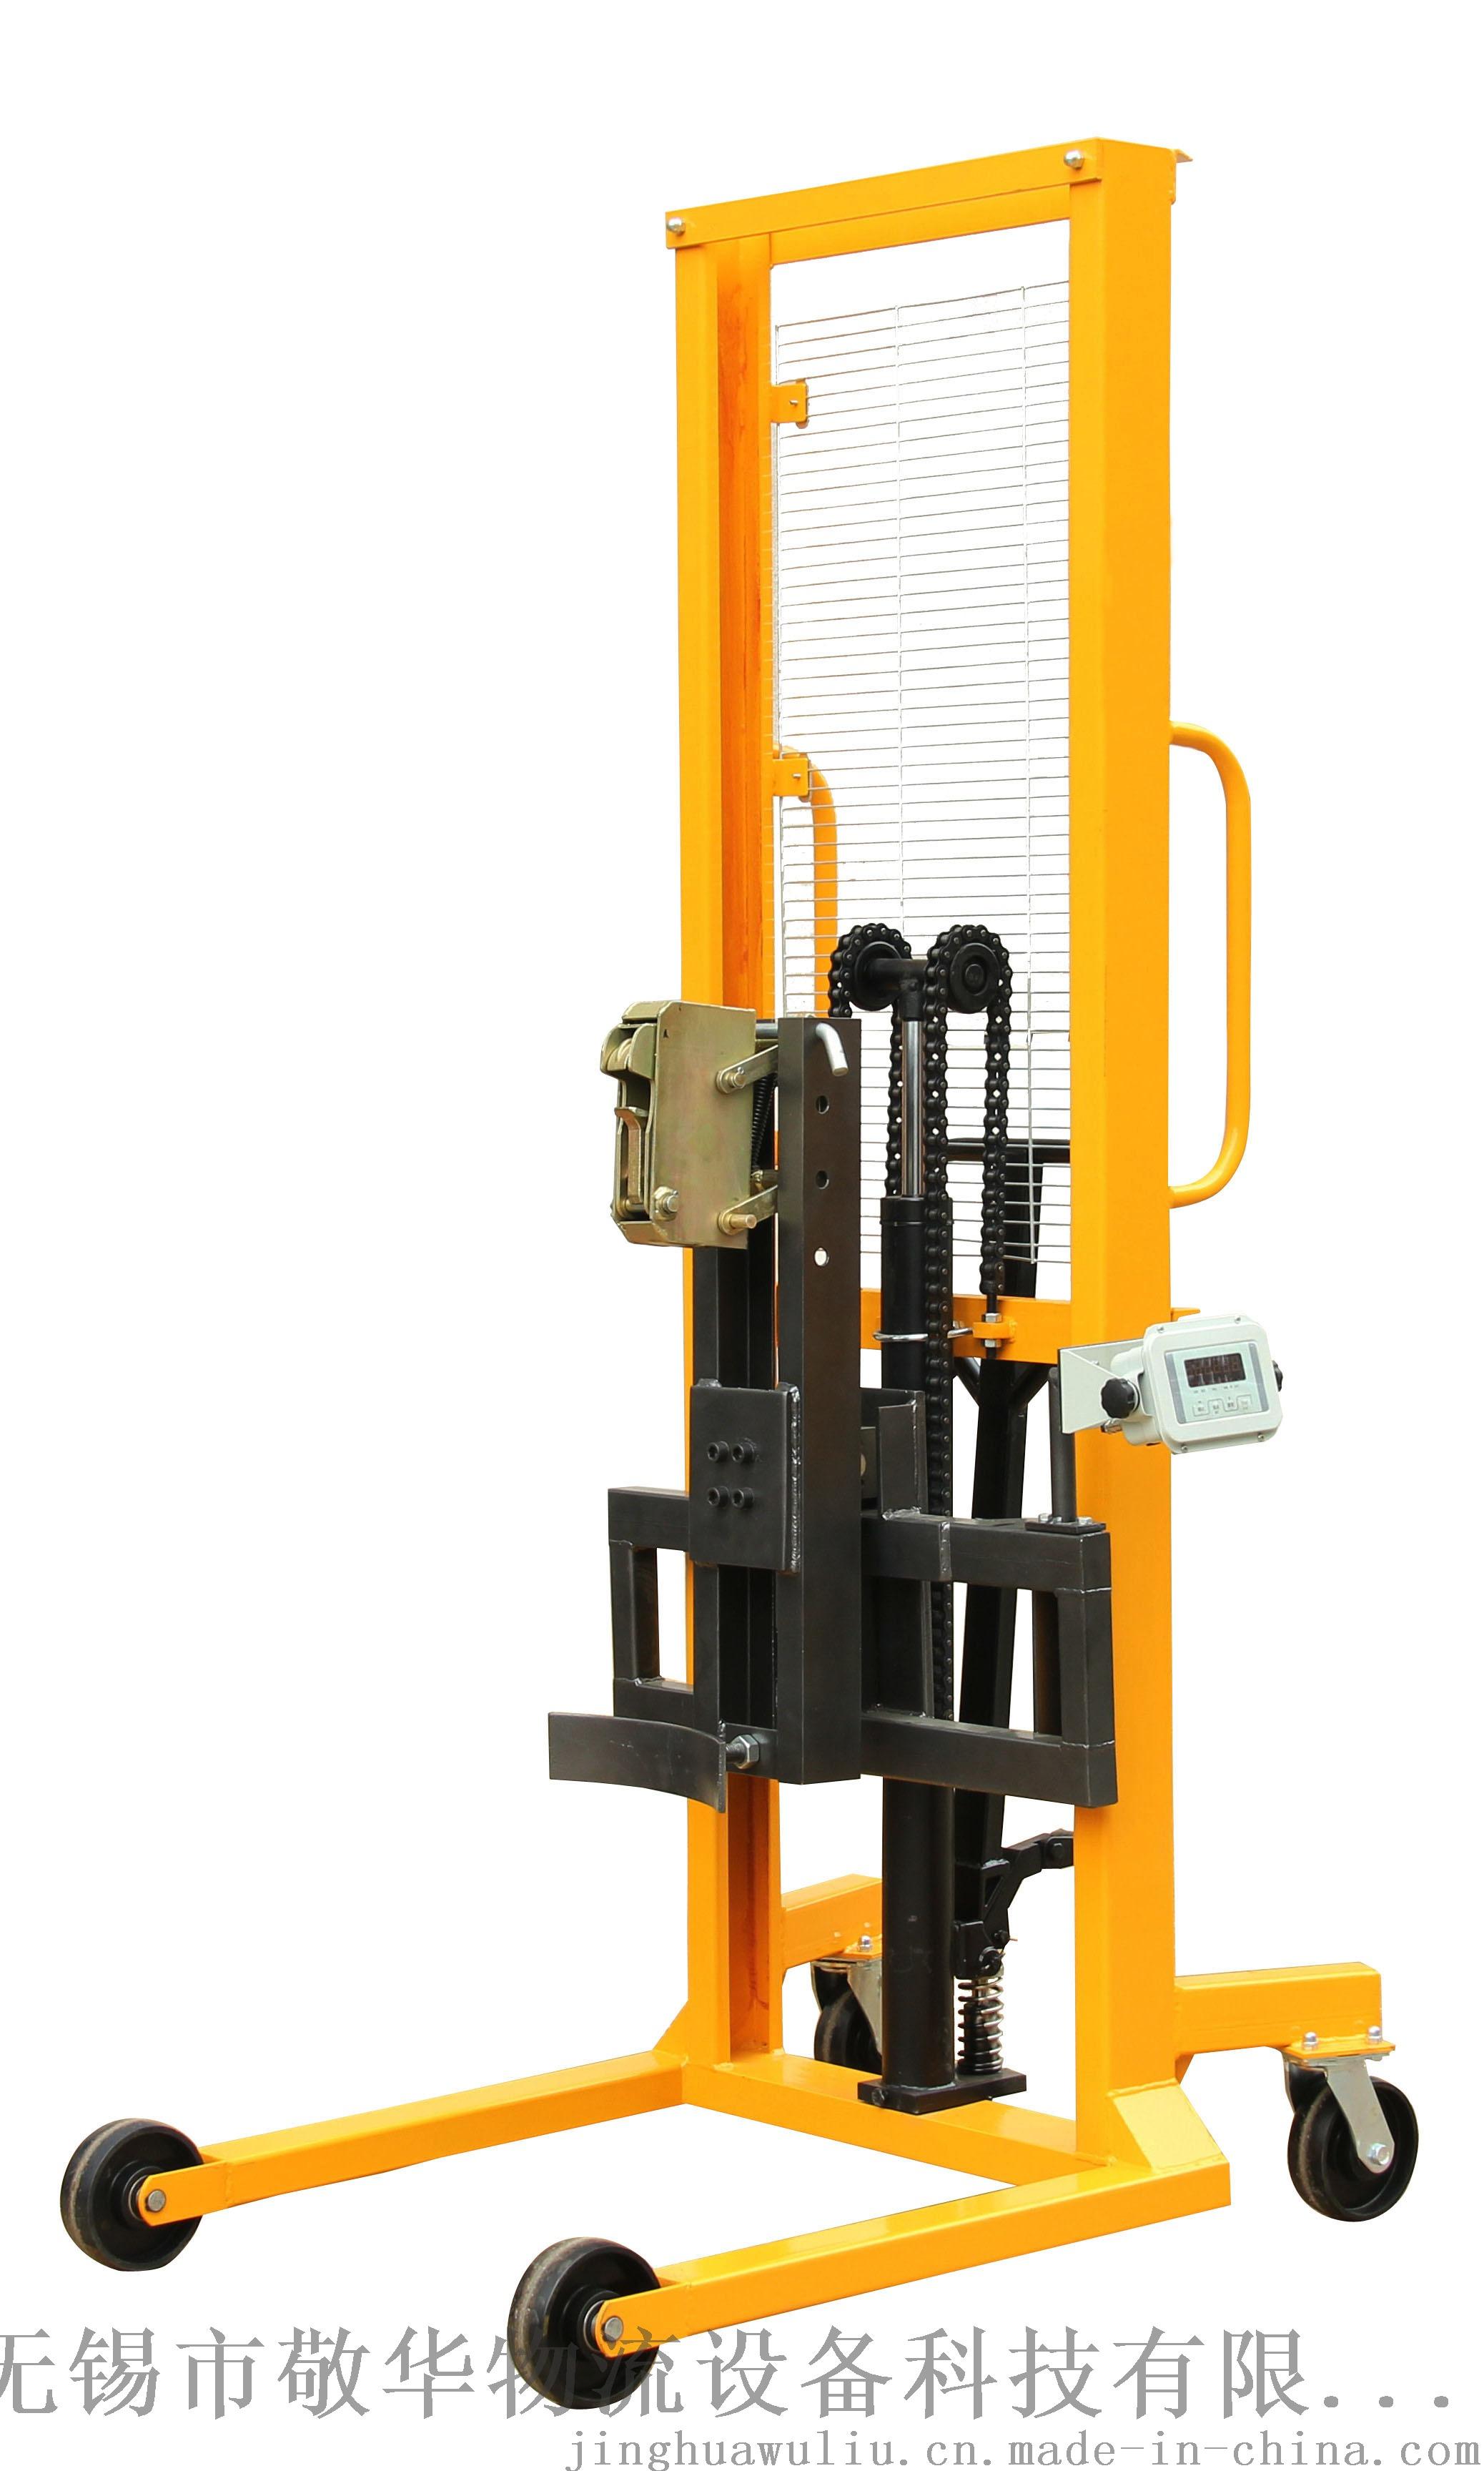 敬华物流设备DT400A-1带电子秤手动油桶堆高车780408835